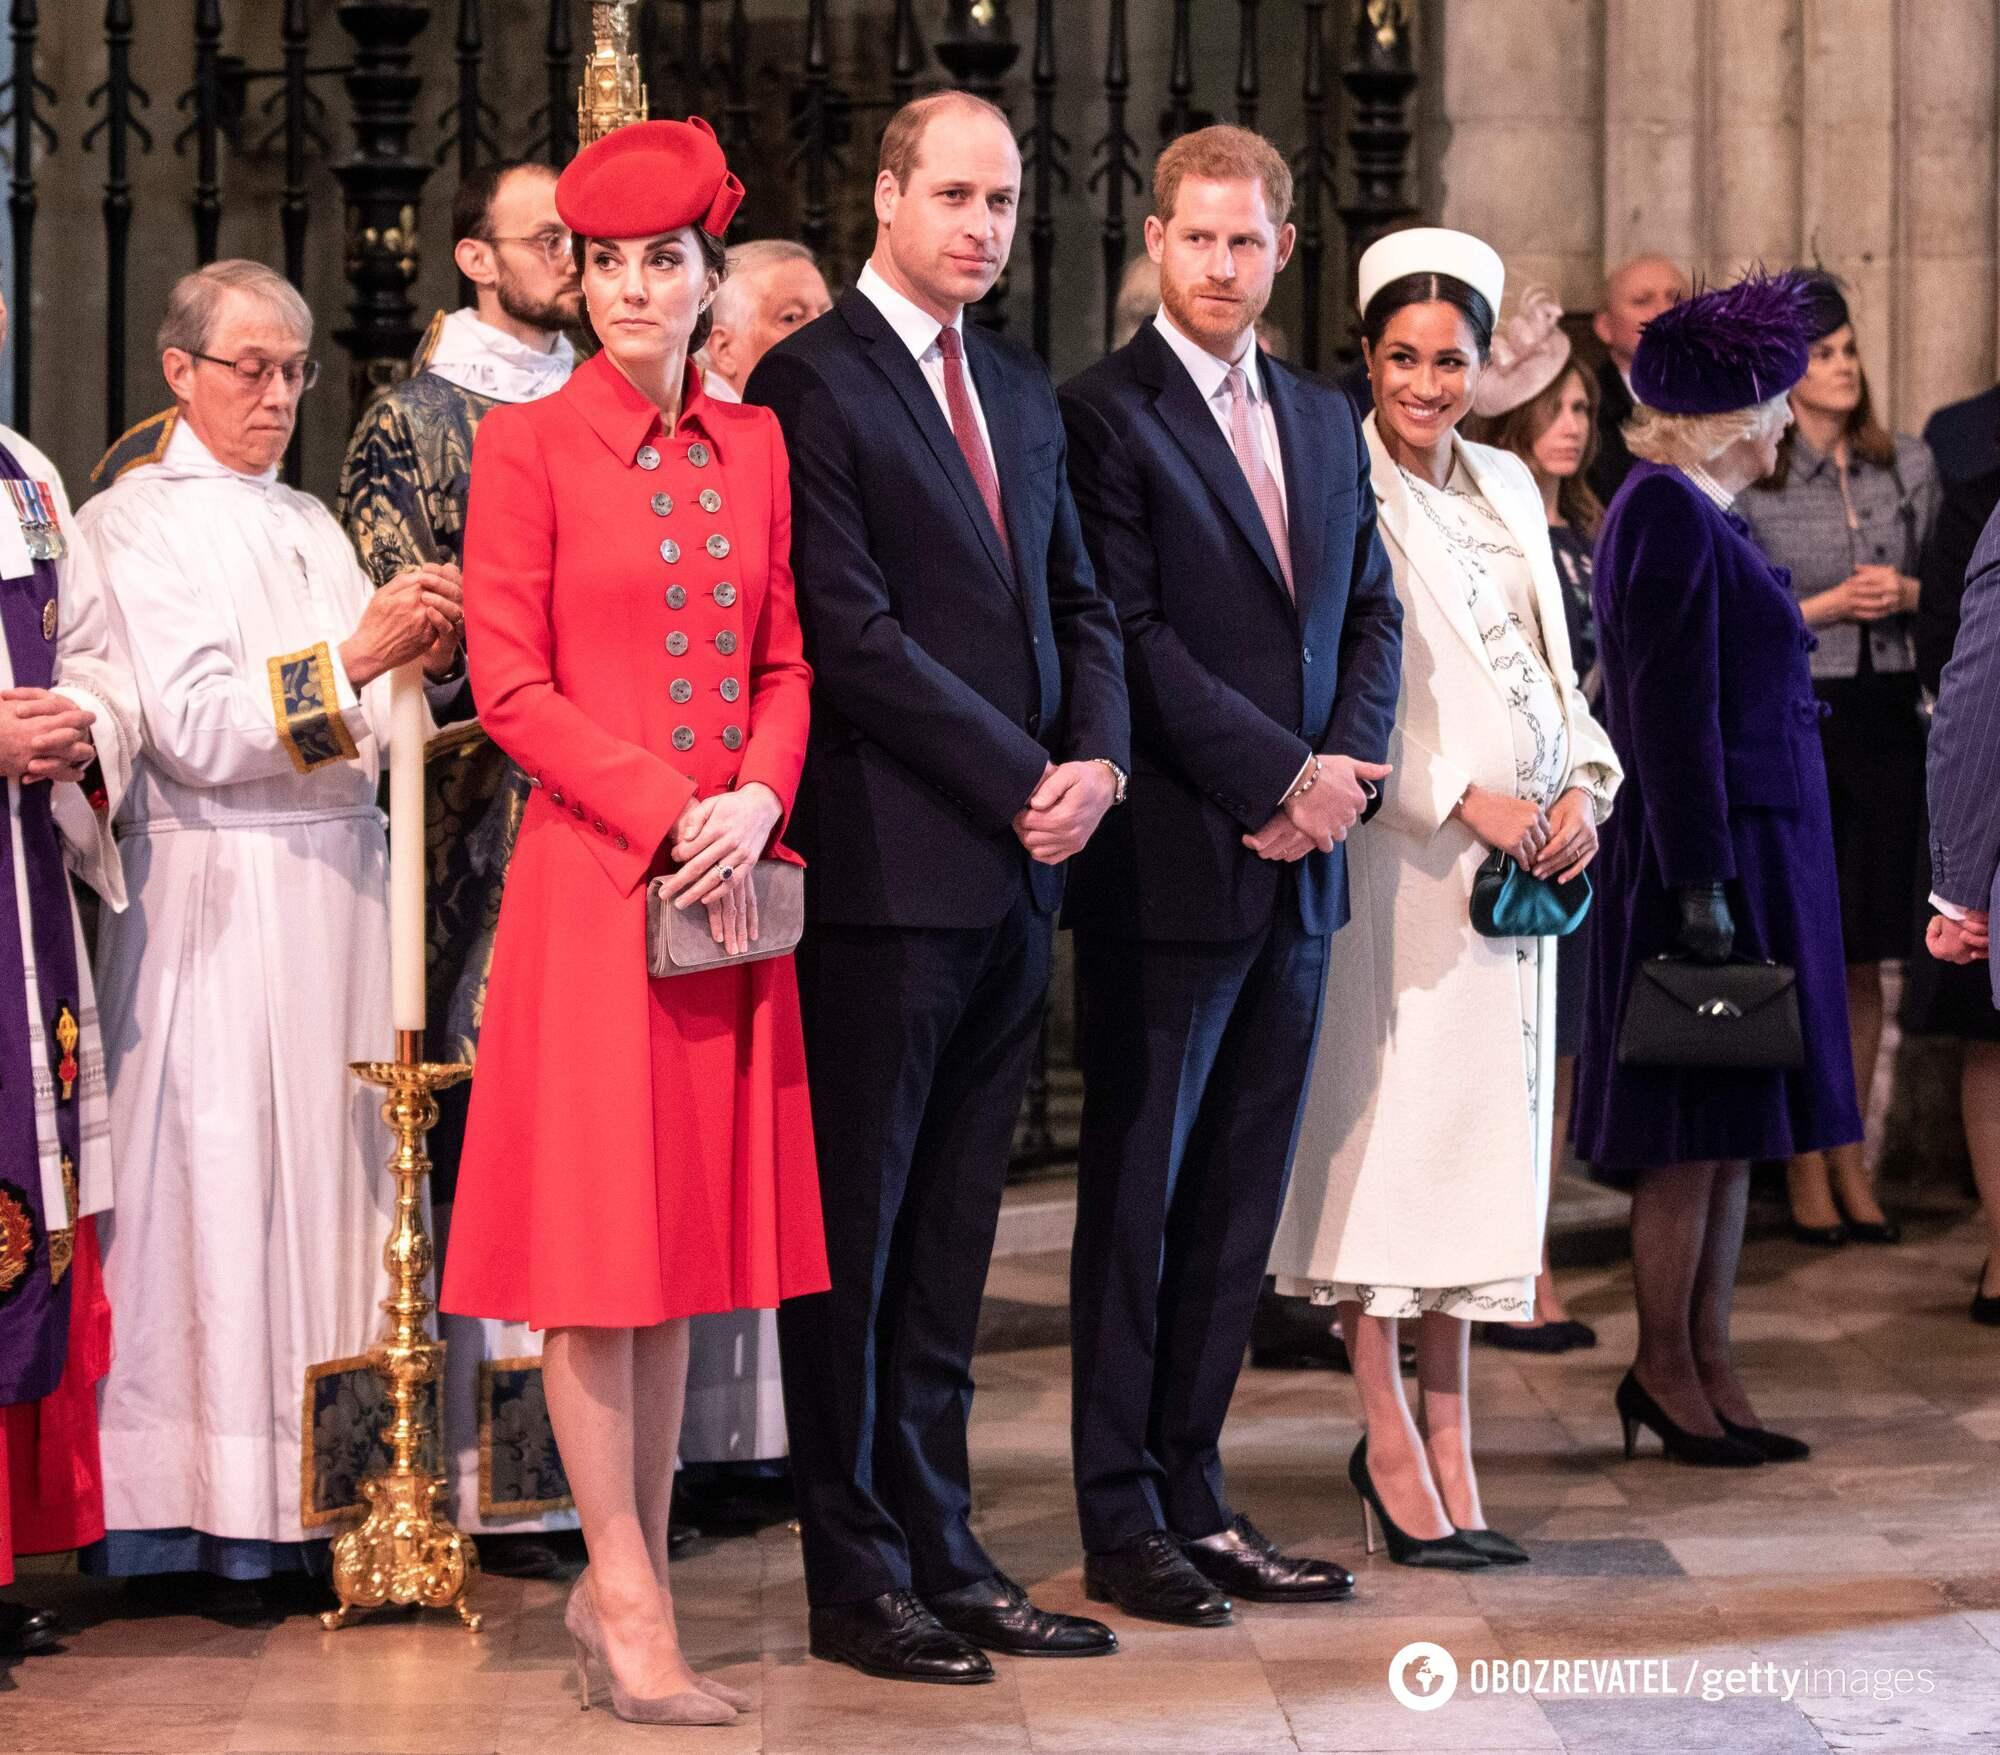 Кейт Міддлтон, принц Вільям, принц Гаррі і Меган Маркл